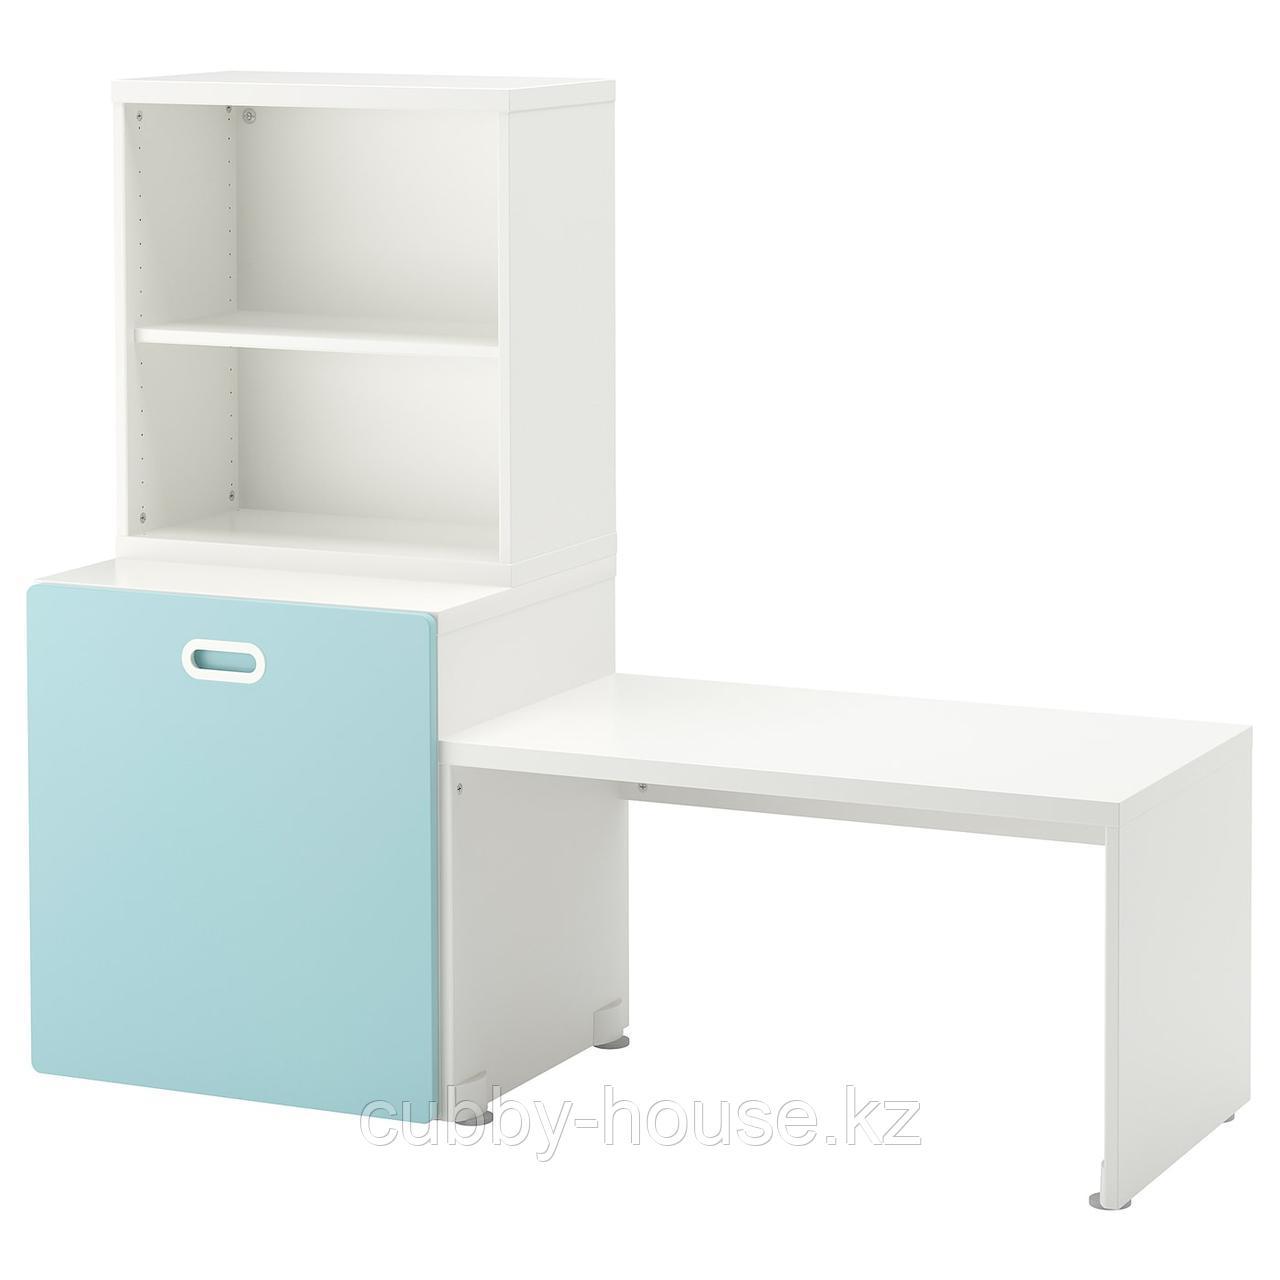 СТУВА / ФРИТИДС Стол с отделением для игрушек, белый, белый, 150x50x128 см